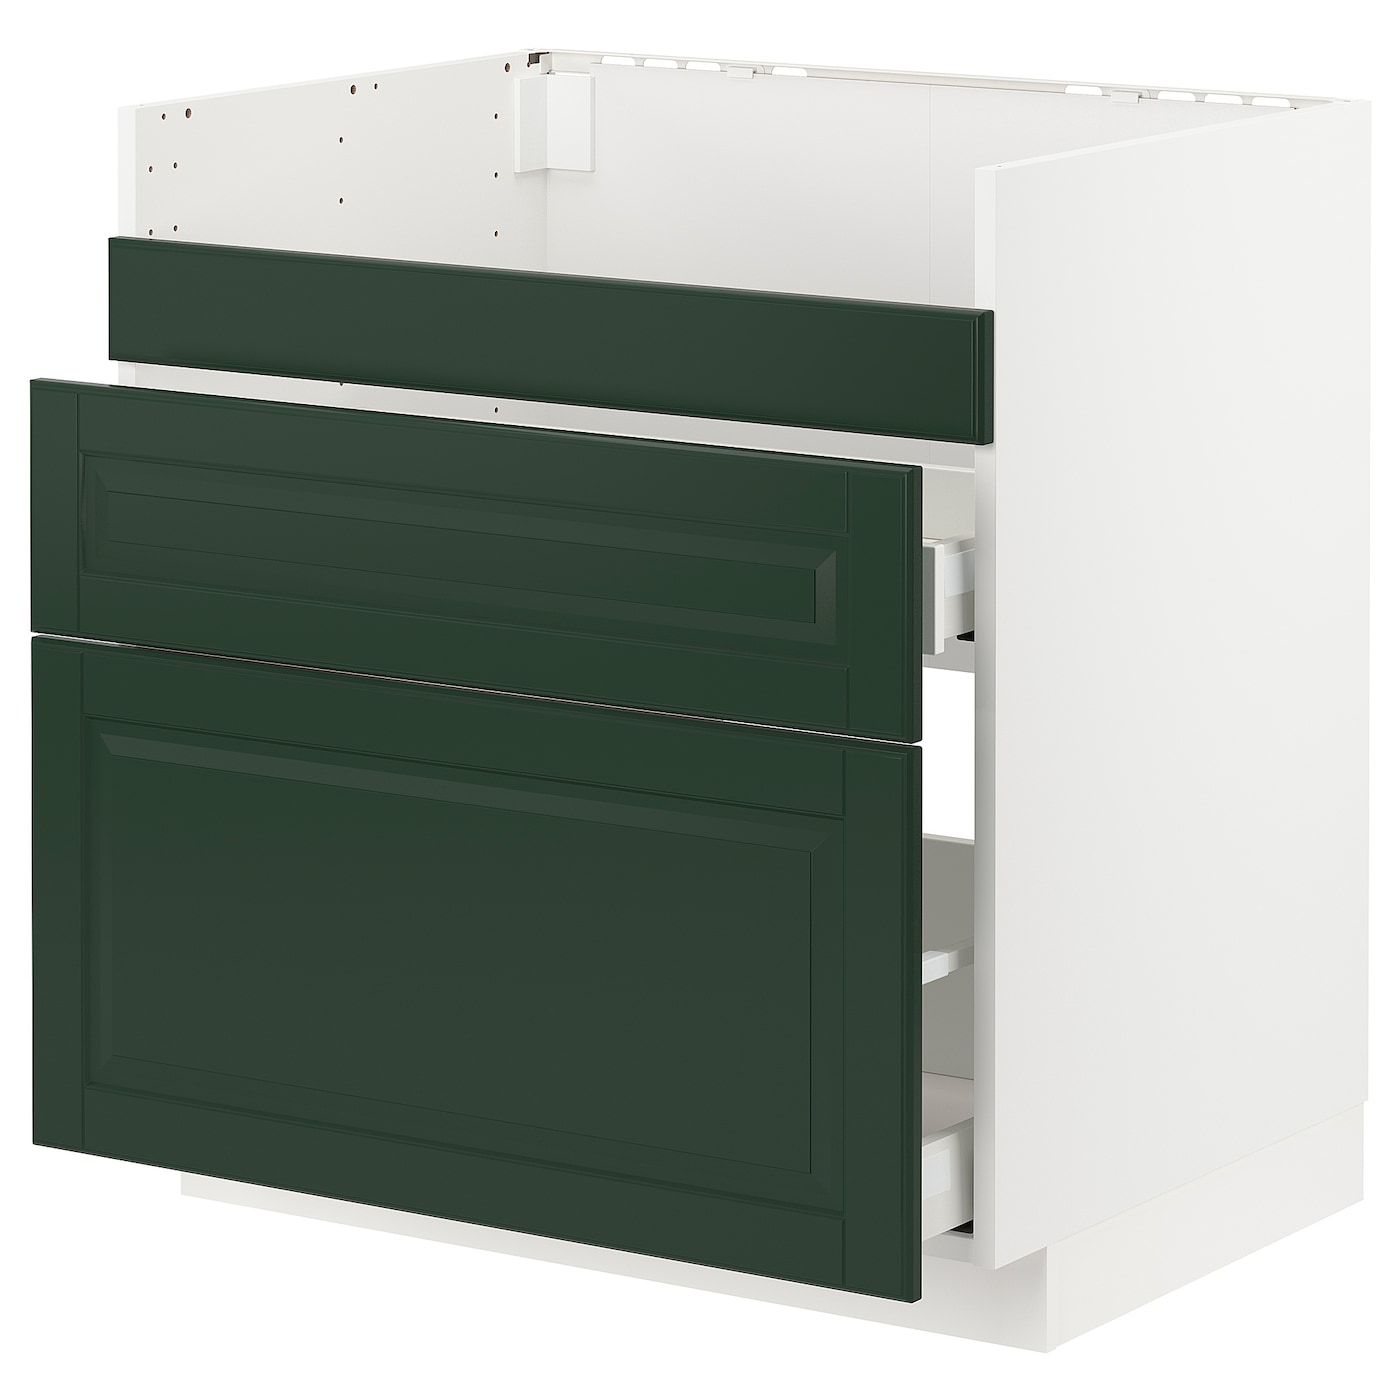 IKEA METOD / MAXIMERA Szafka pod zlew HAVSEN/3fr/2szu, biały, Bodbyn ciemnozielony, 80x60 cm